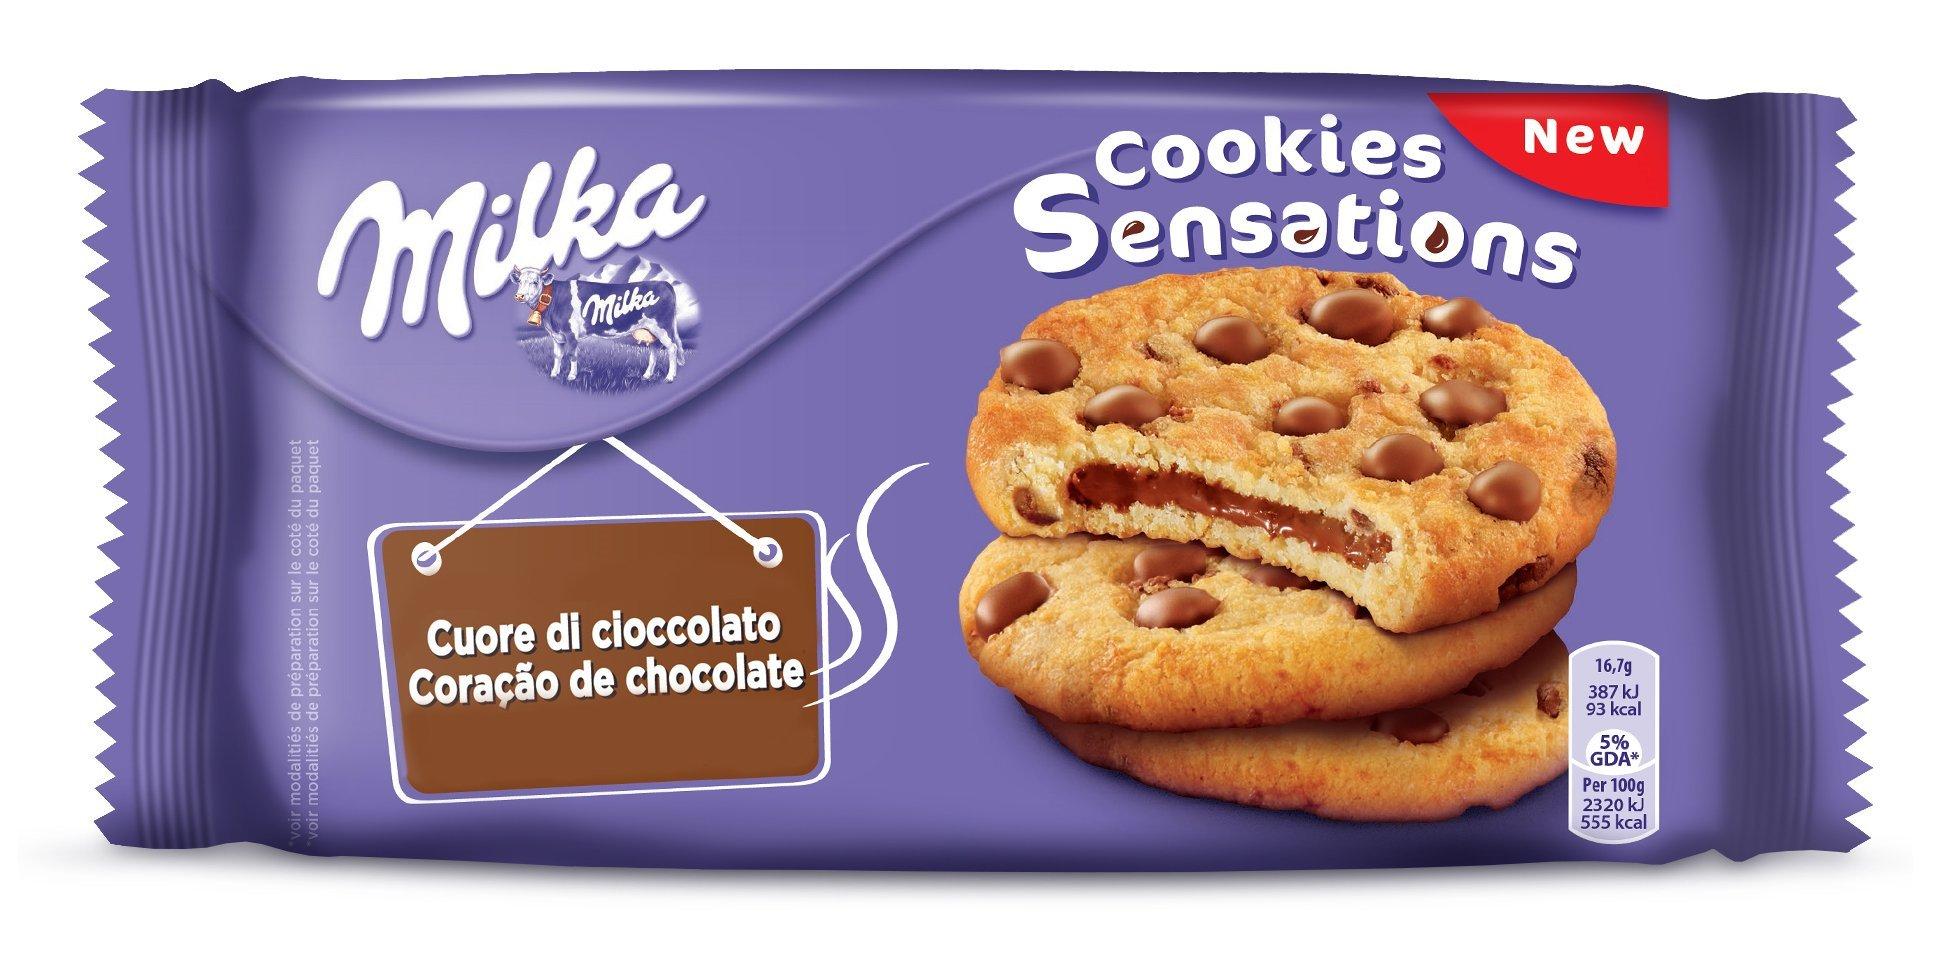 MILKA Cookies Biscuits sensations chocolate heart 156 4013552 sweet snacks